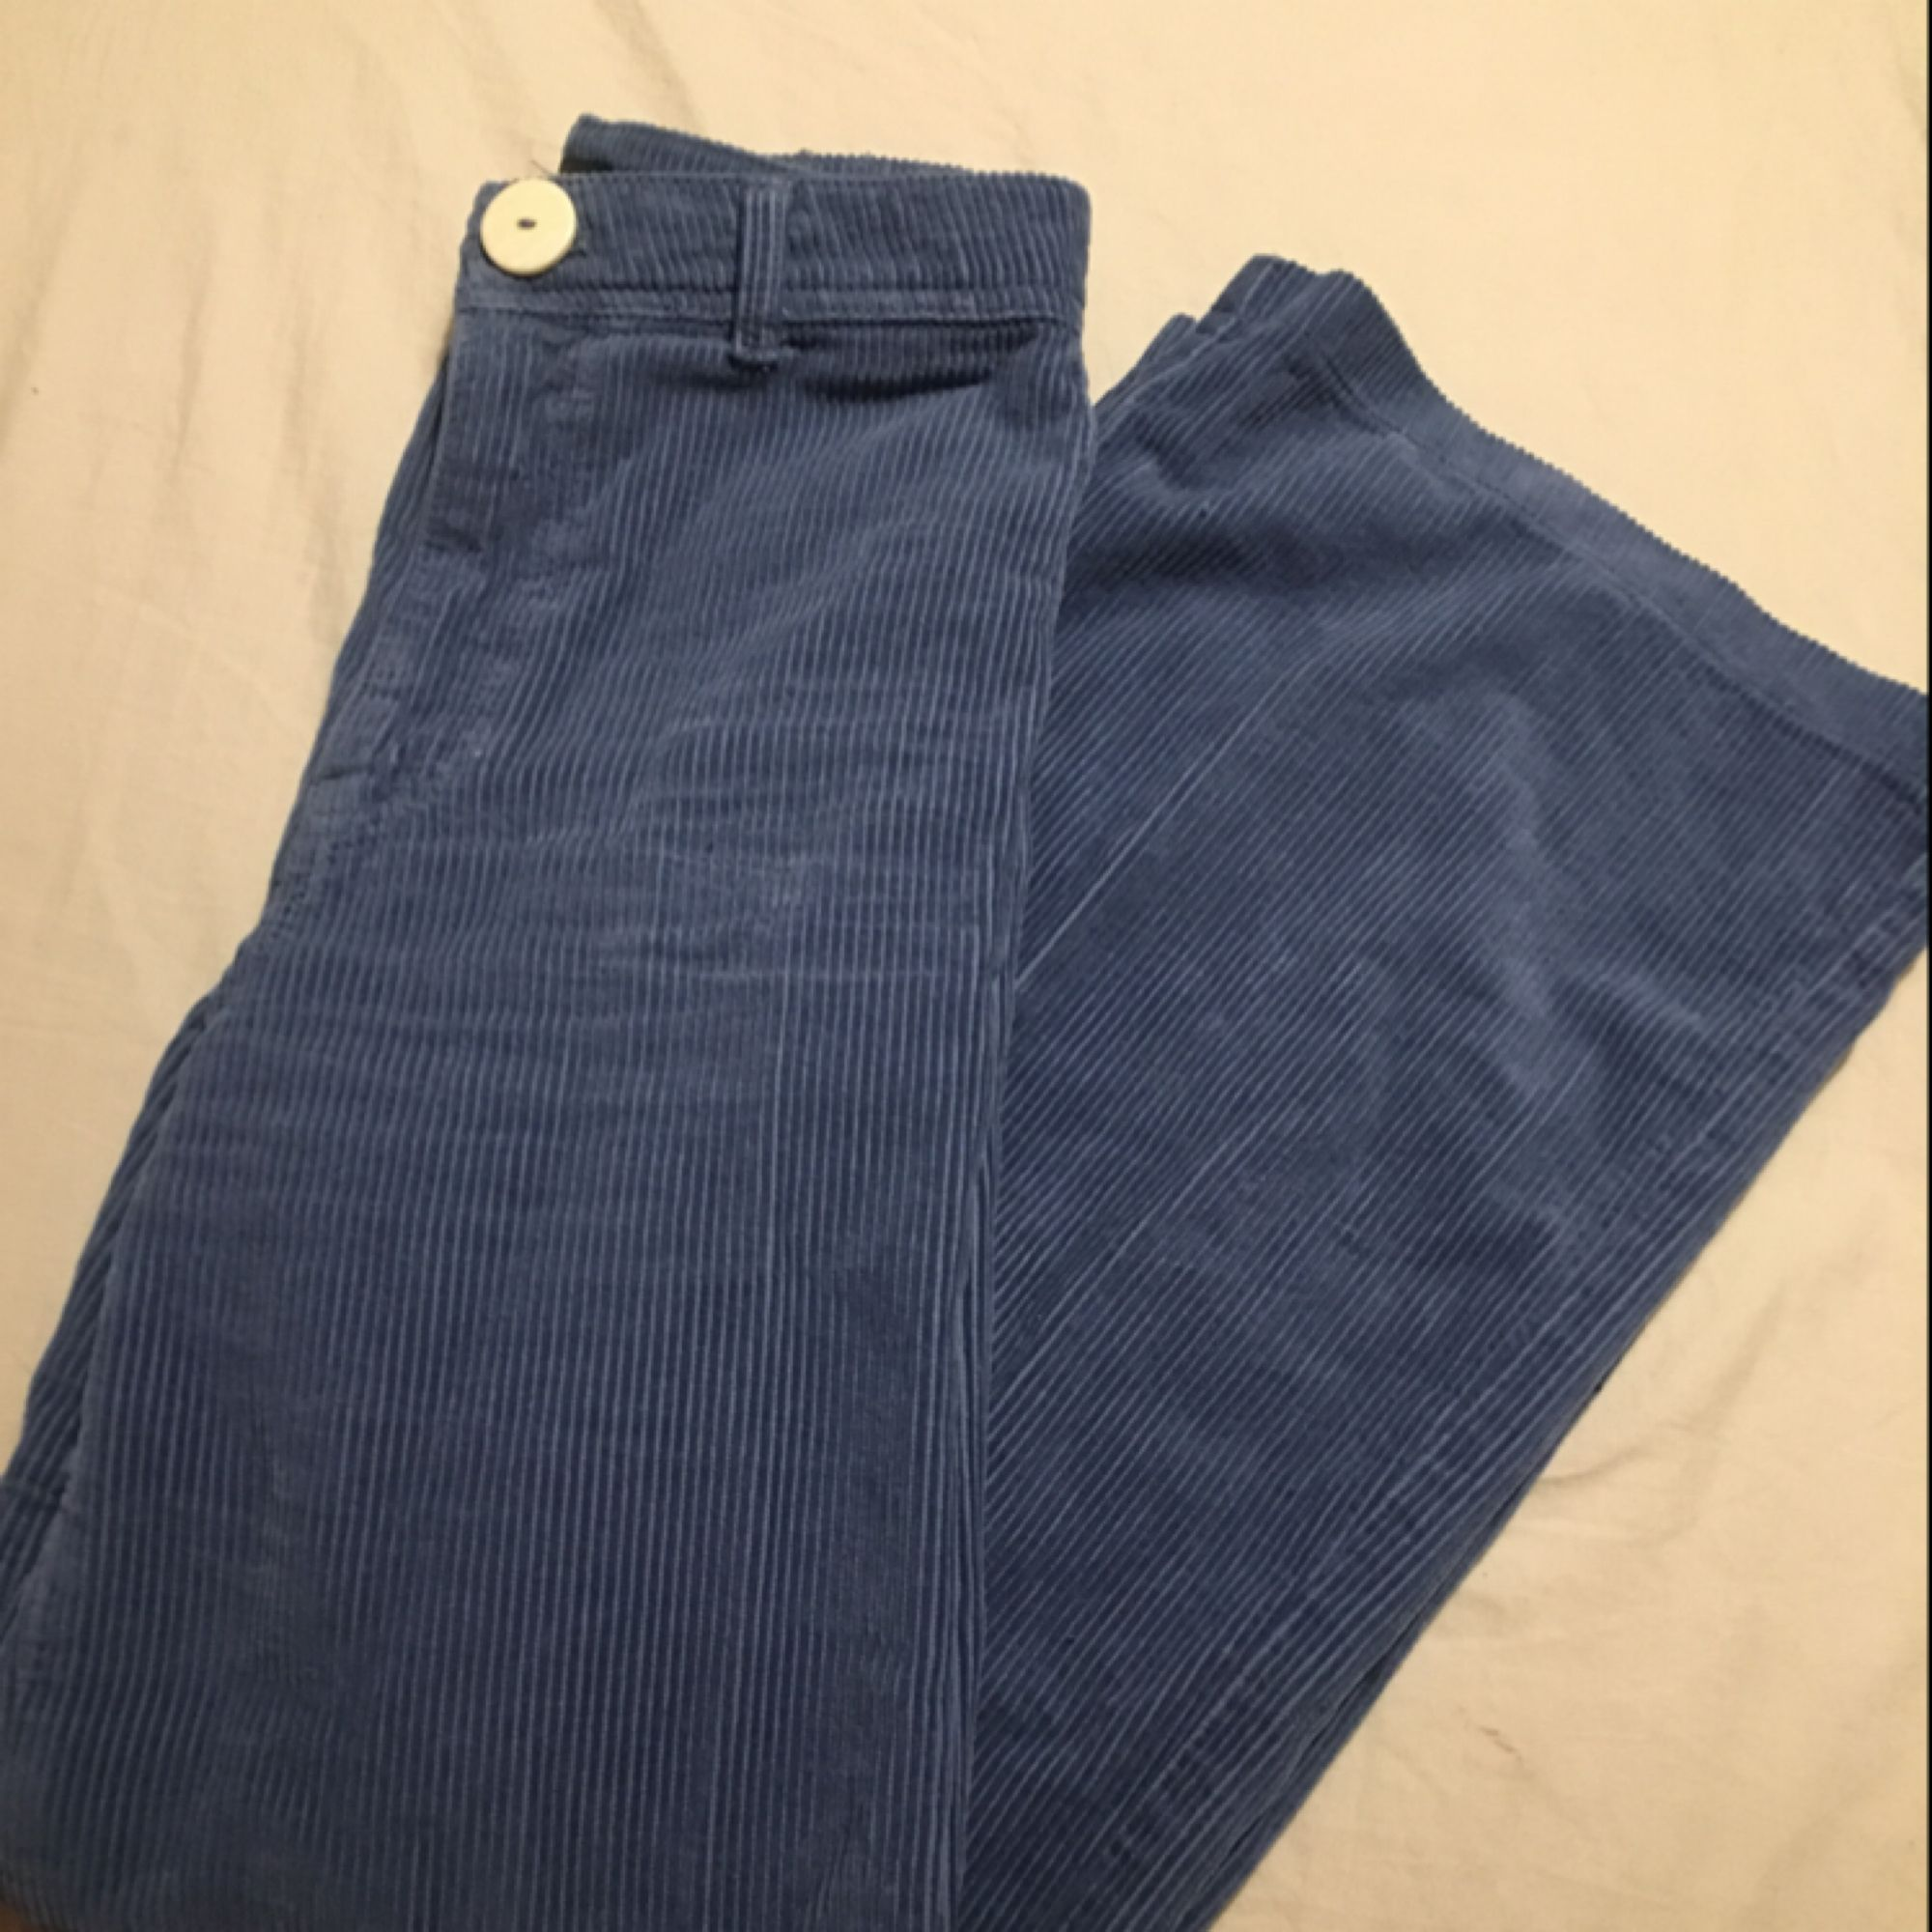 Skitsnygga slutsålda byxor från chiquelle. Endast använda två gånger. Är i storlek 34 men jag skulle säga att de funkar lika bra för någon med storlek 36 (jag har vanligtvis 36 och de sitter bra på mig). Köparen betalat frakt! Hör av dig vid frågor<3. Jeans & Byxor.